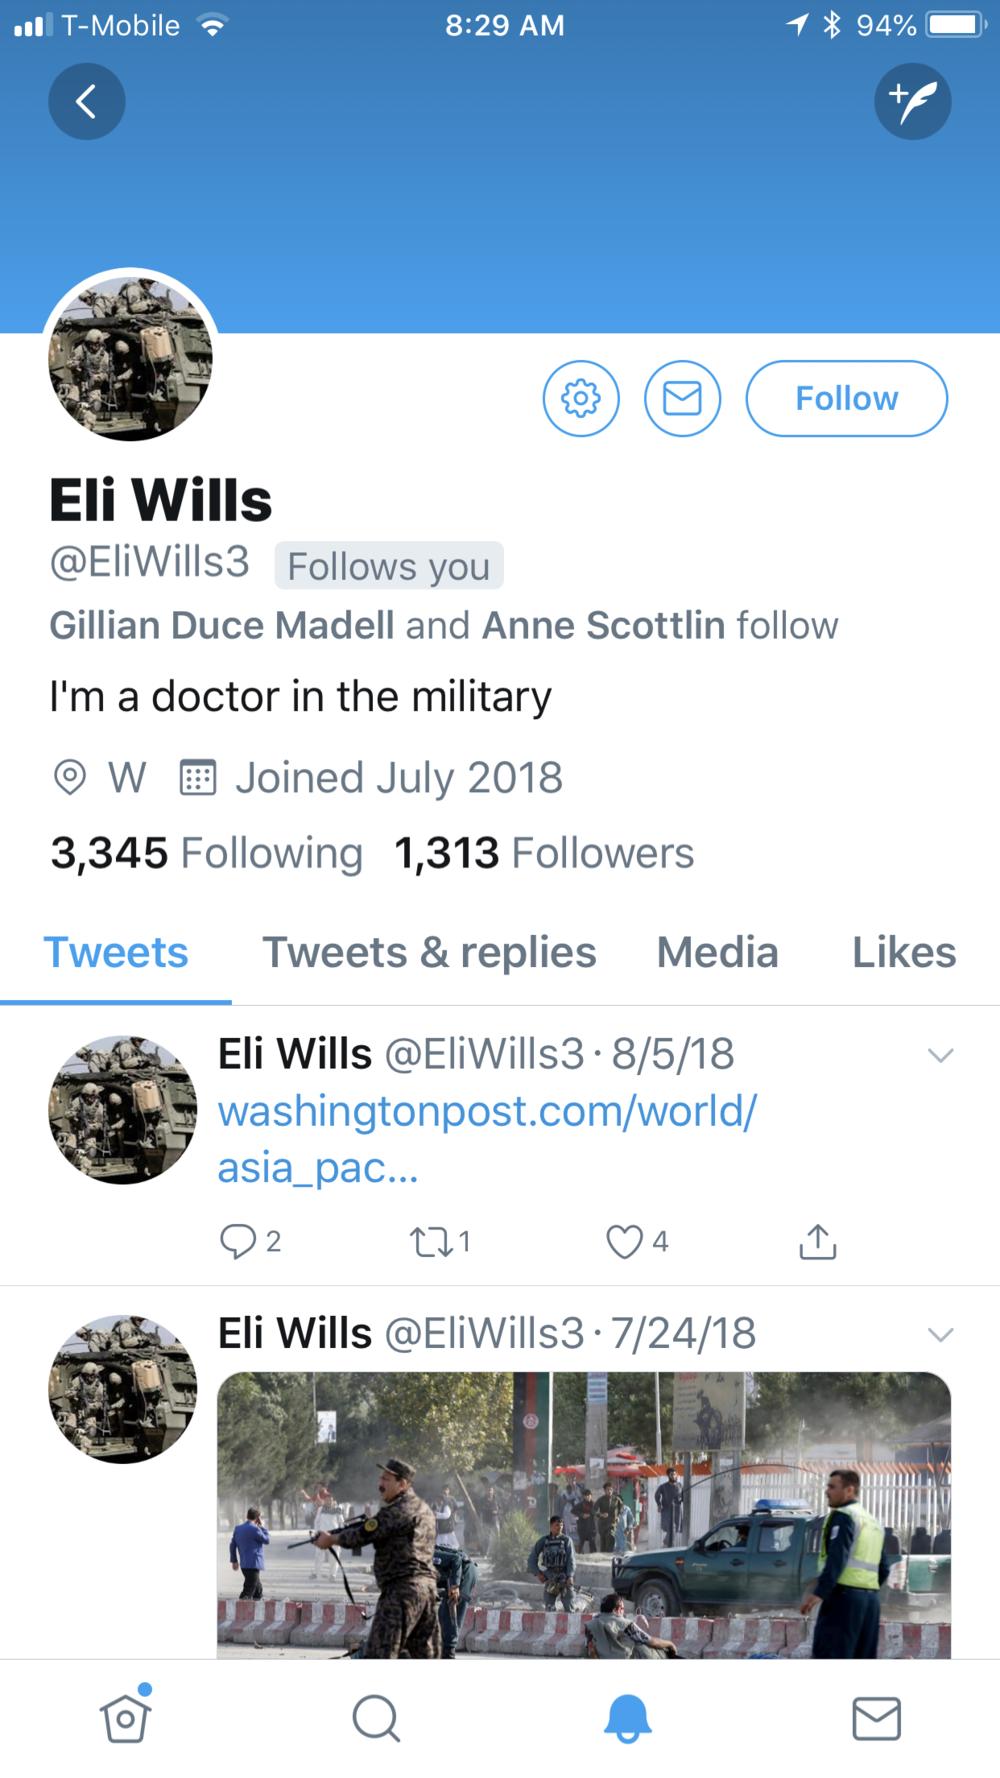 Eli Wills